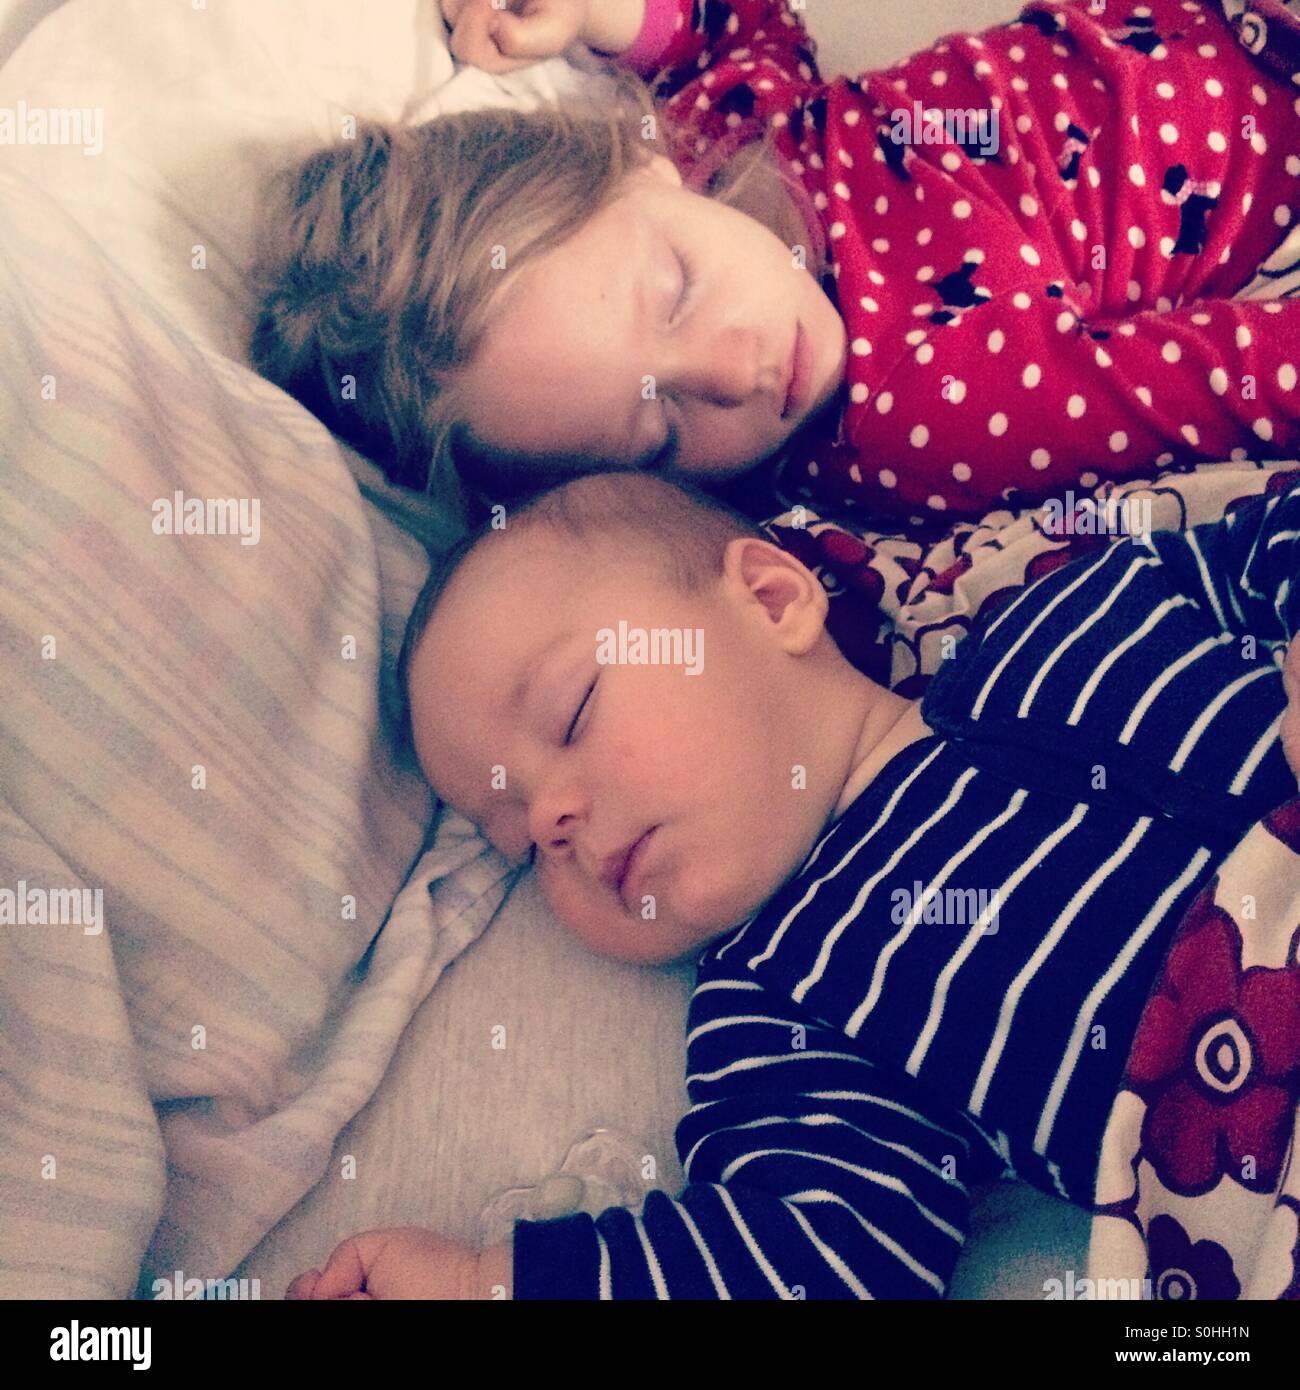 Zwei Kinder schlafen friedlich miteinander im Bett der Eltern Stockbild